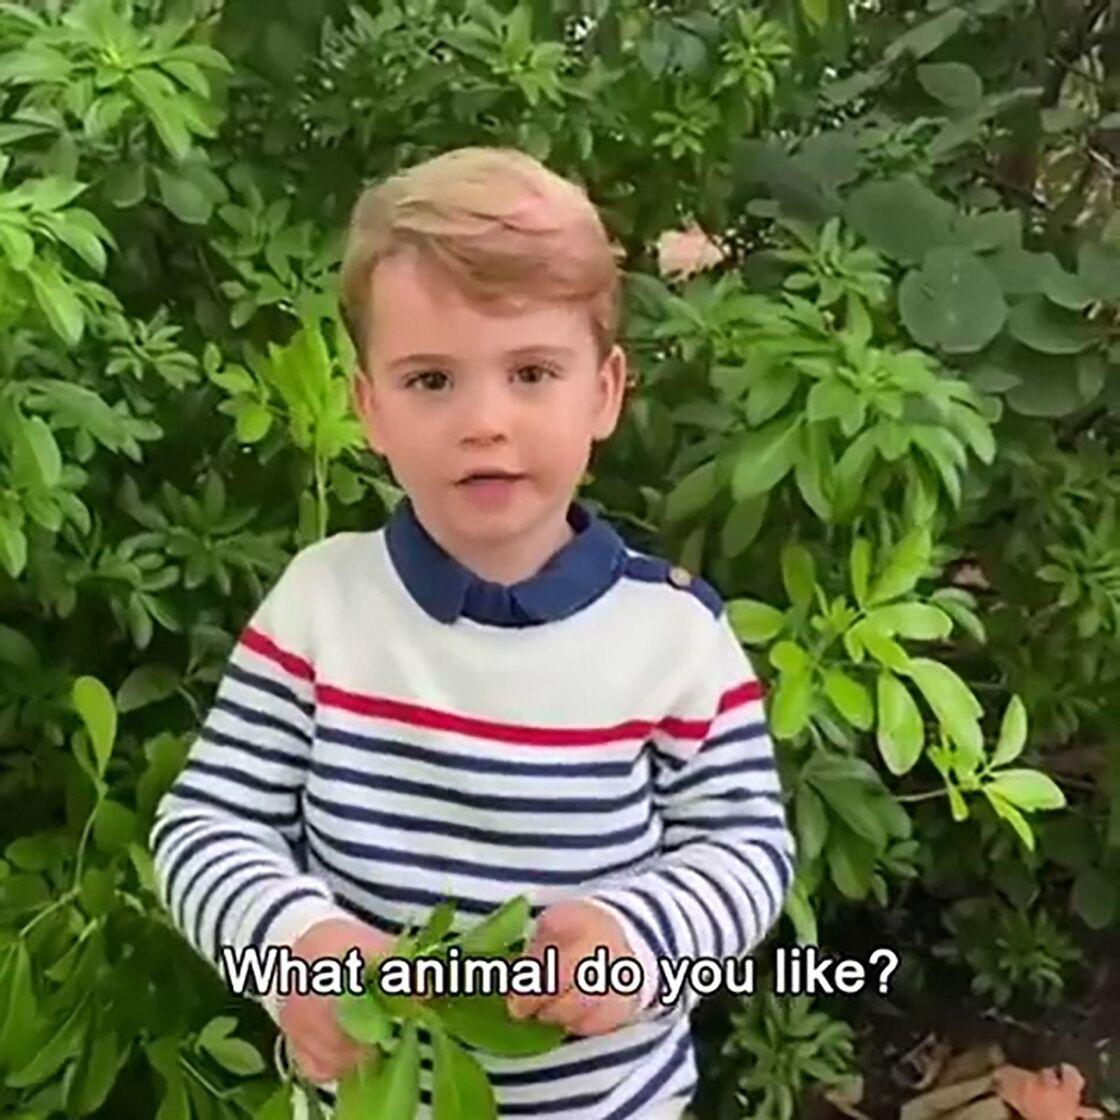 Le prince Louis, lors d'une vidéo diffusée en octobre 2020 avec David Attenborough.